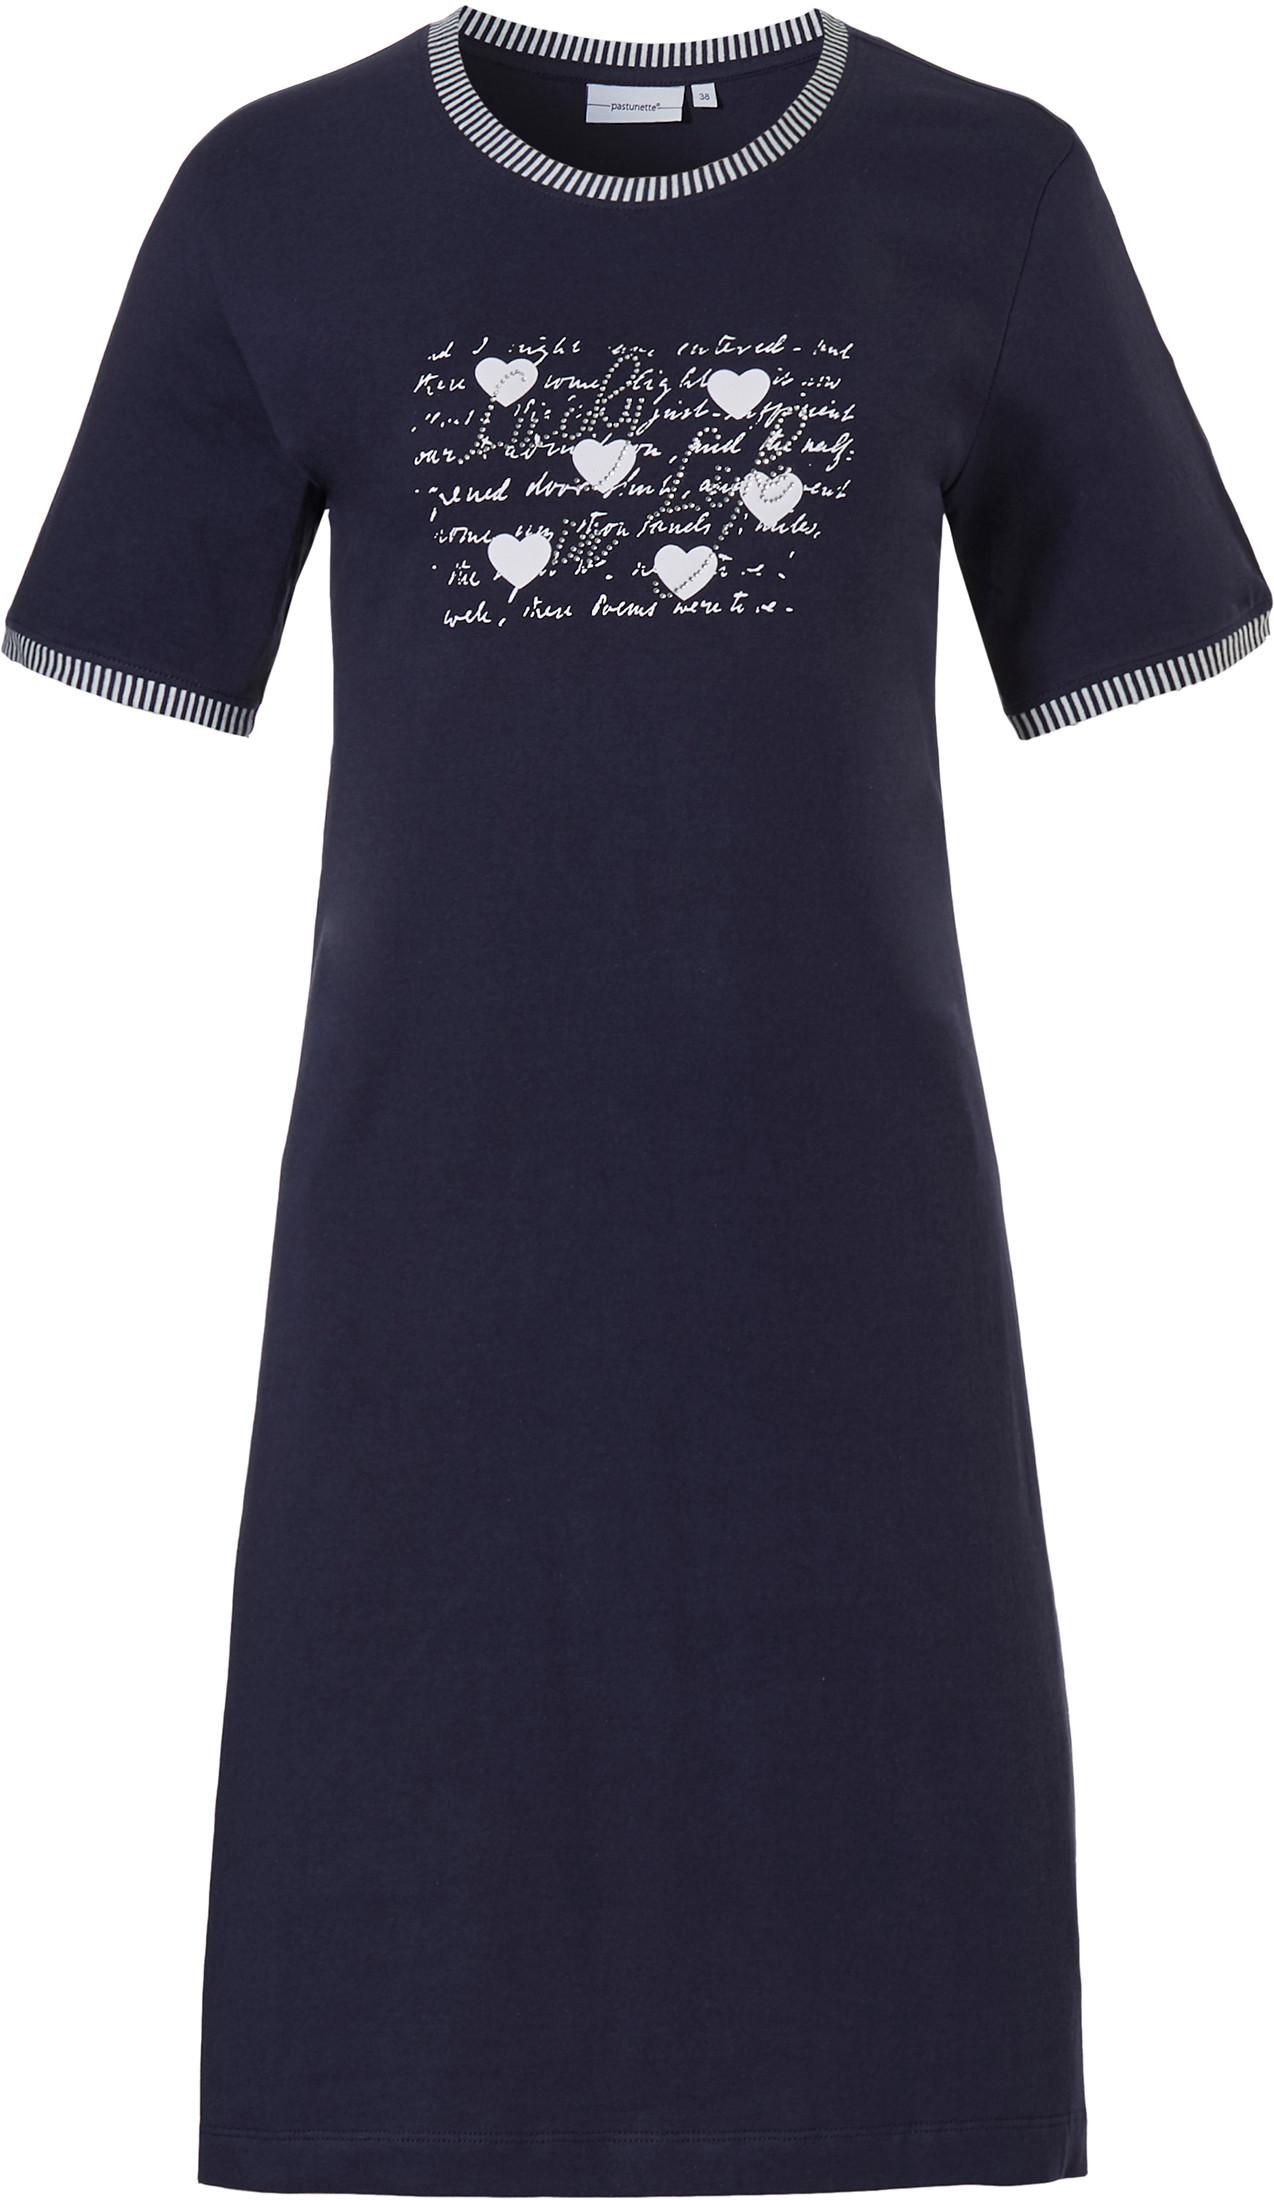 Dames nachthemd Pastunette 10211-136-3 blauw-46